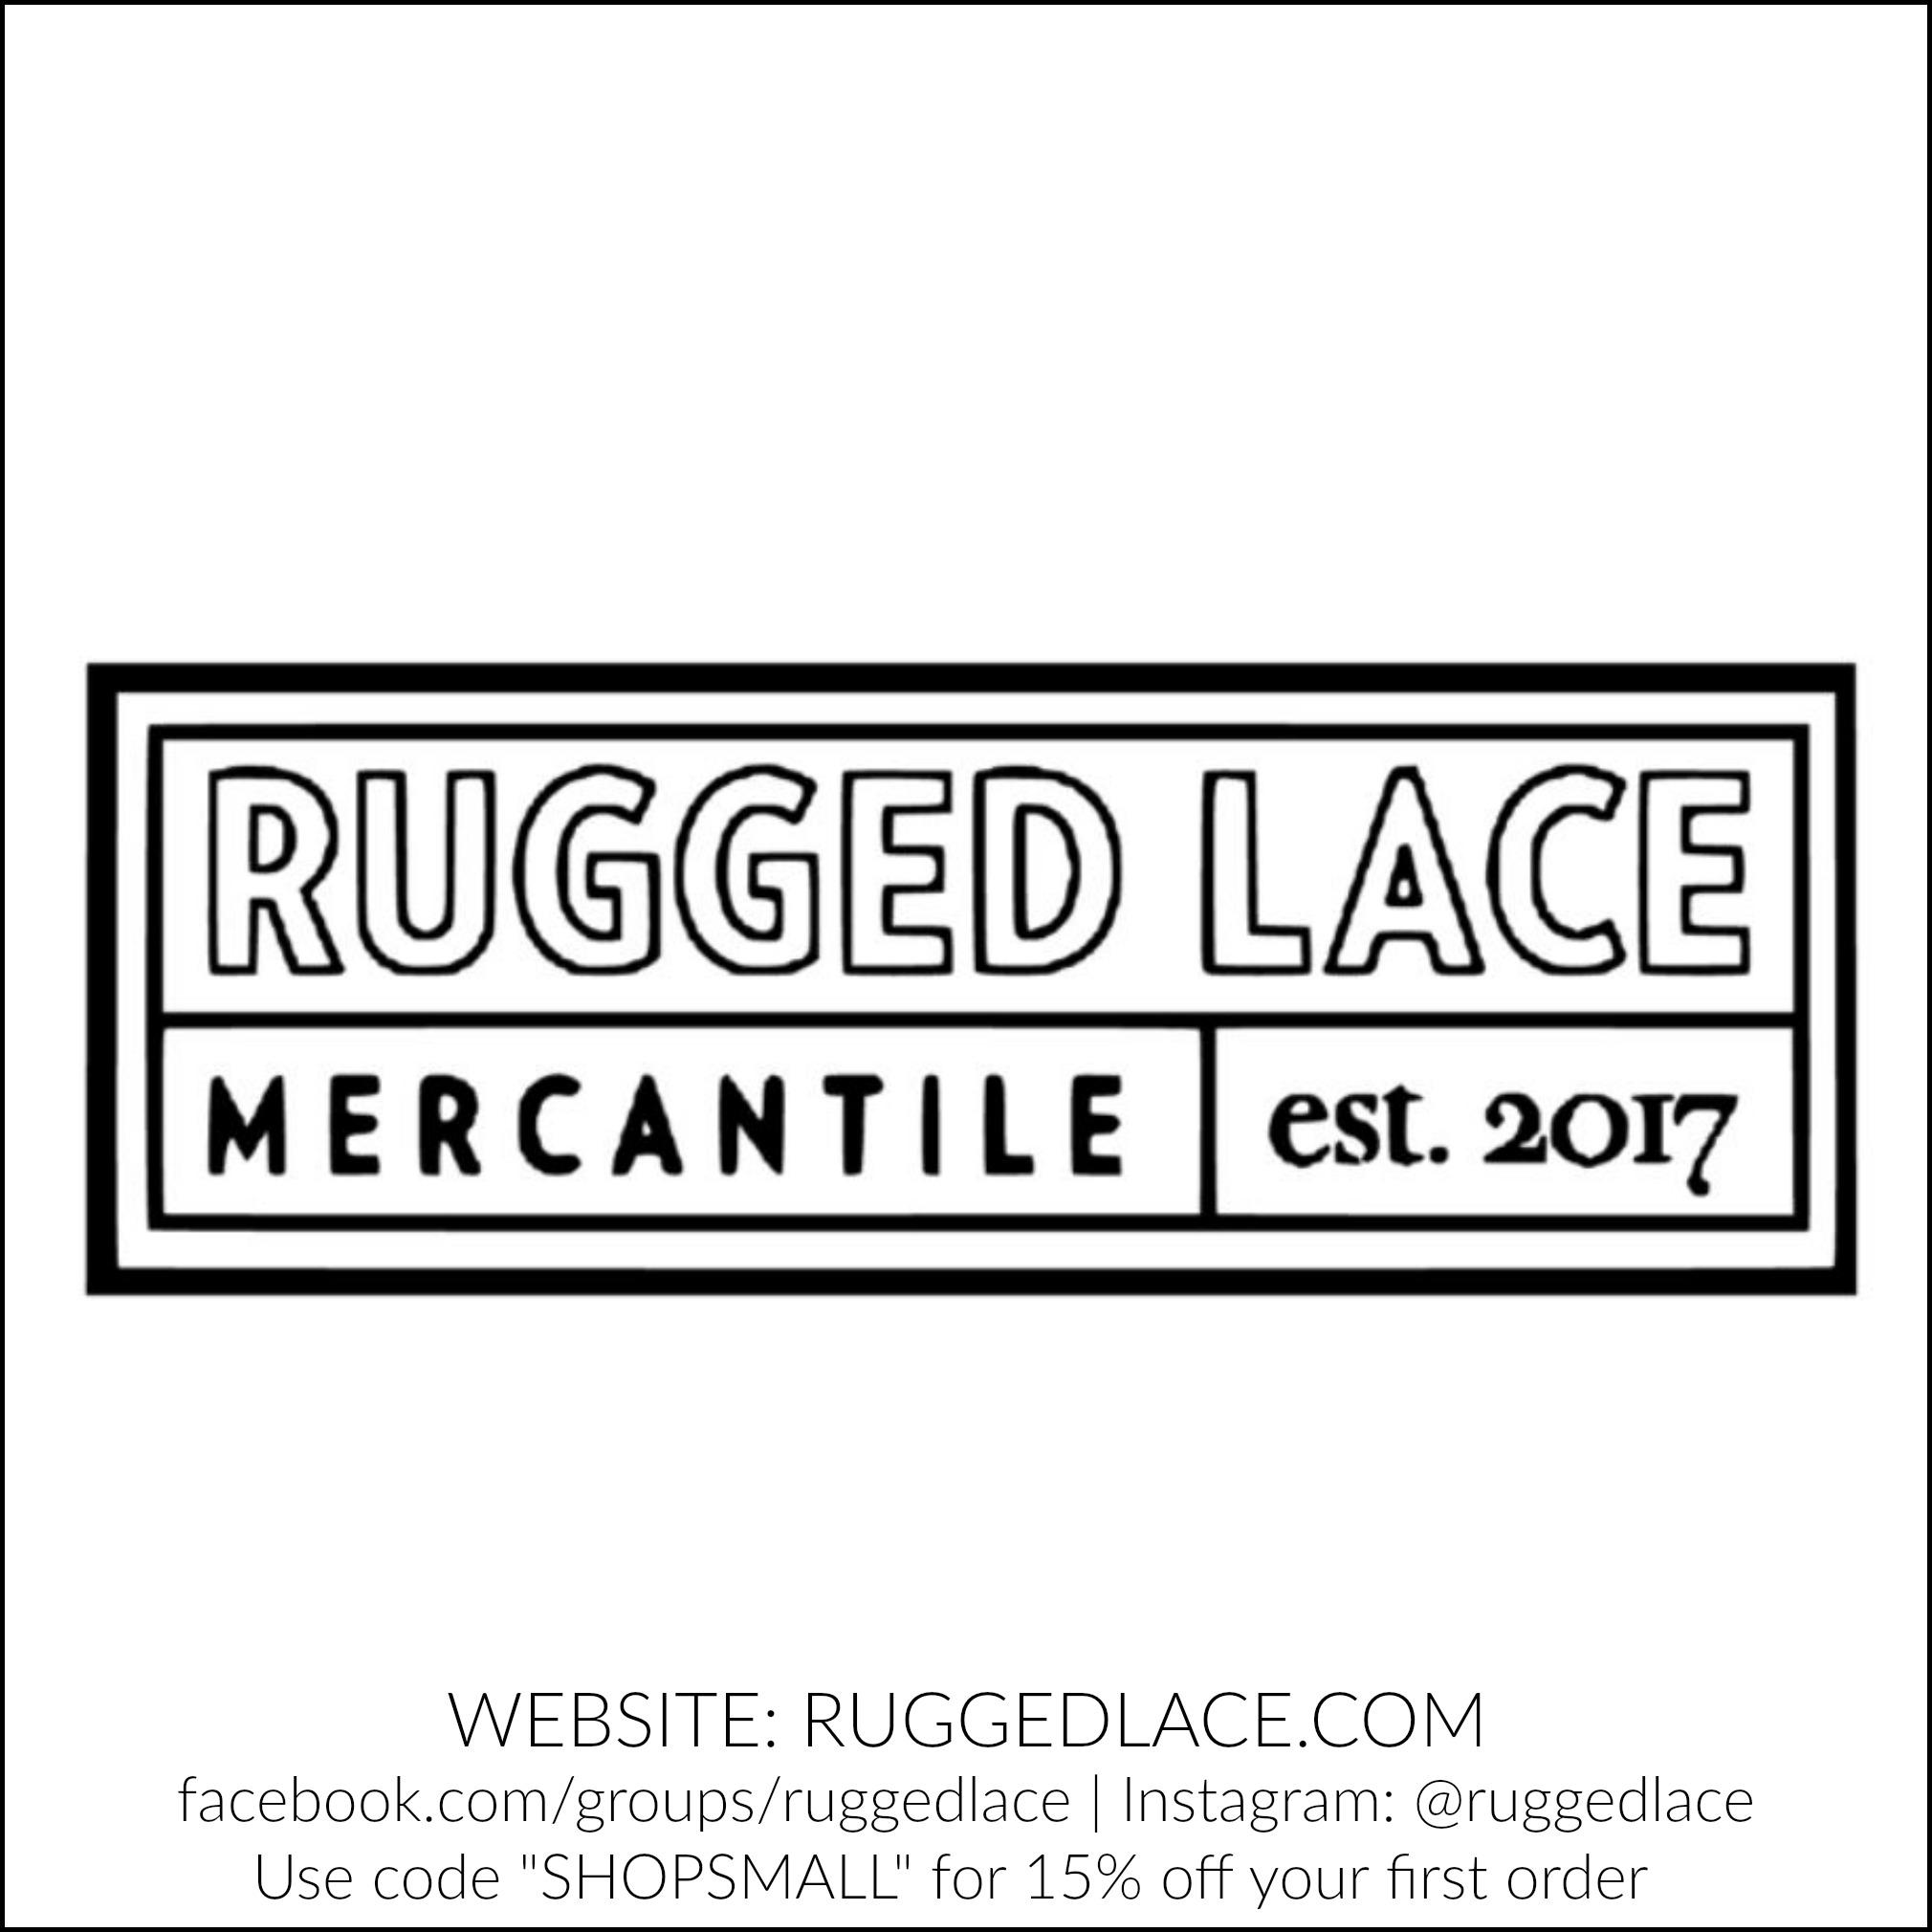 Rugged Lace Mercantile | RuggedLace.com